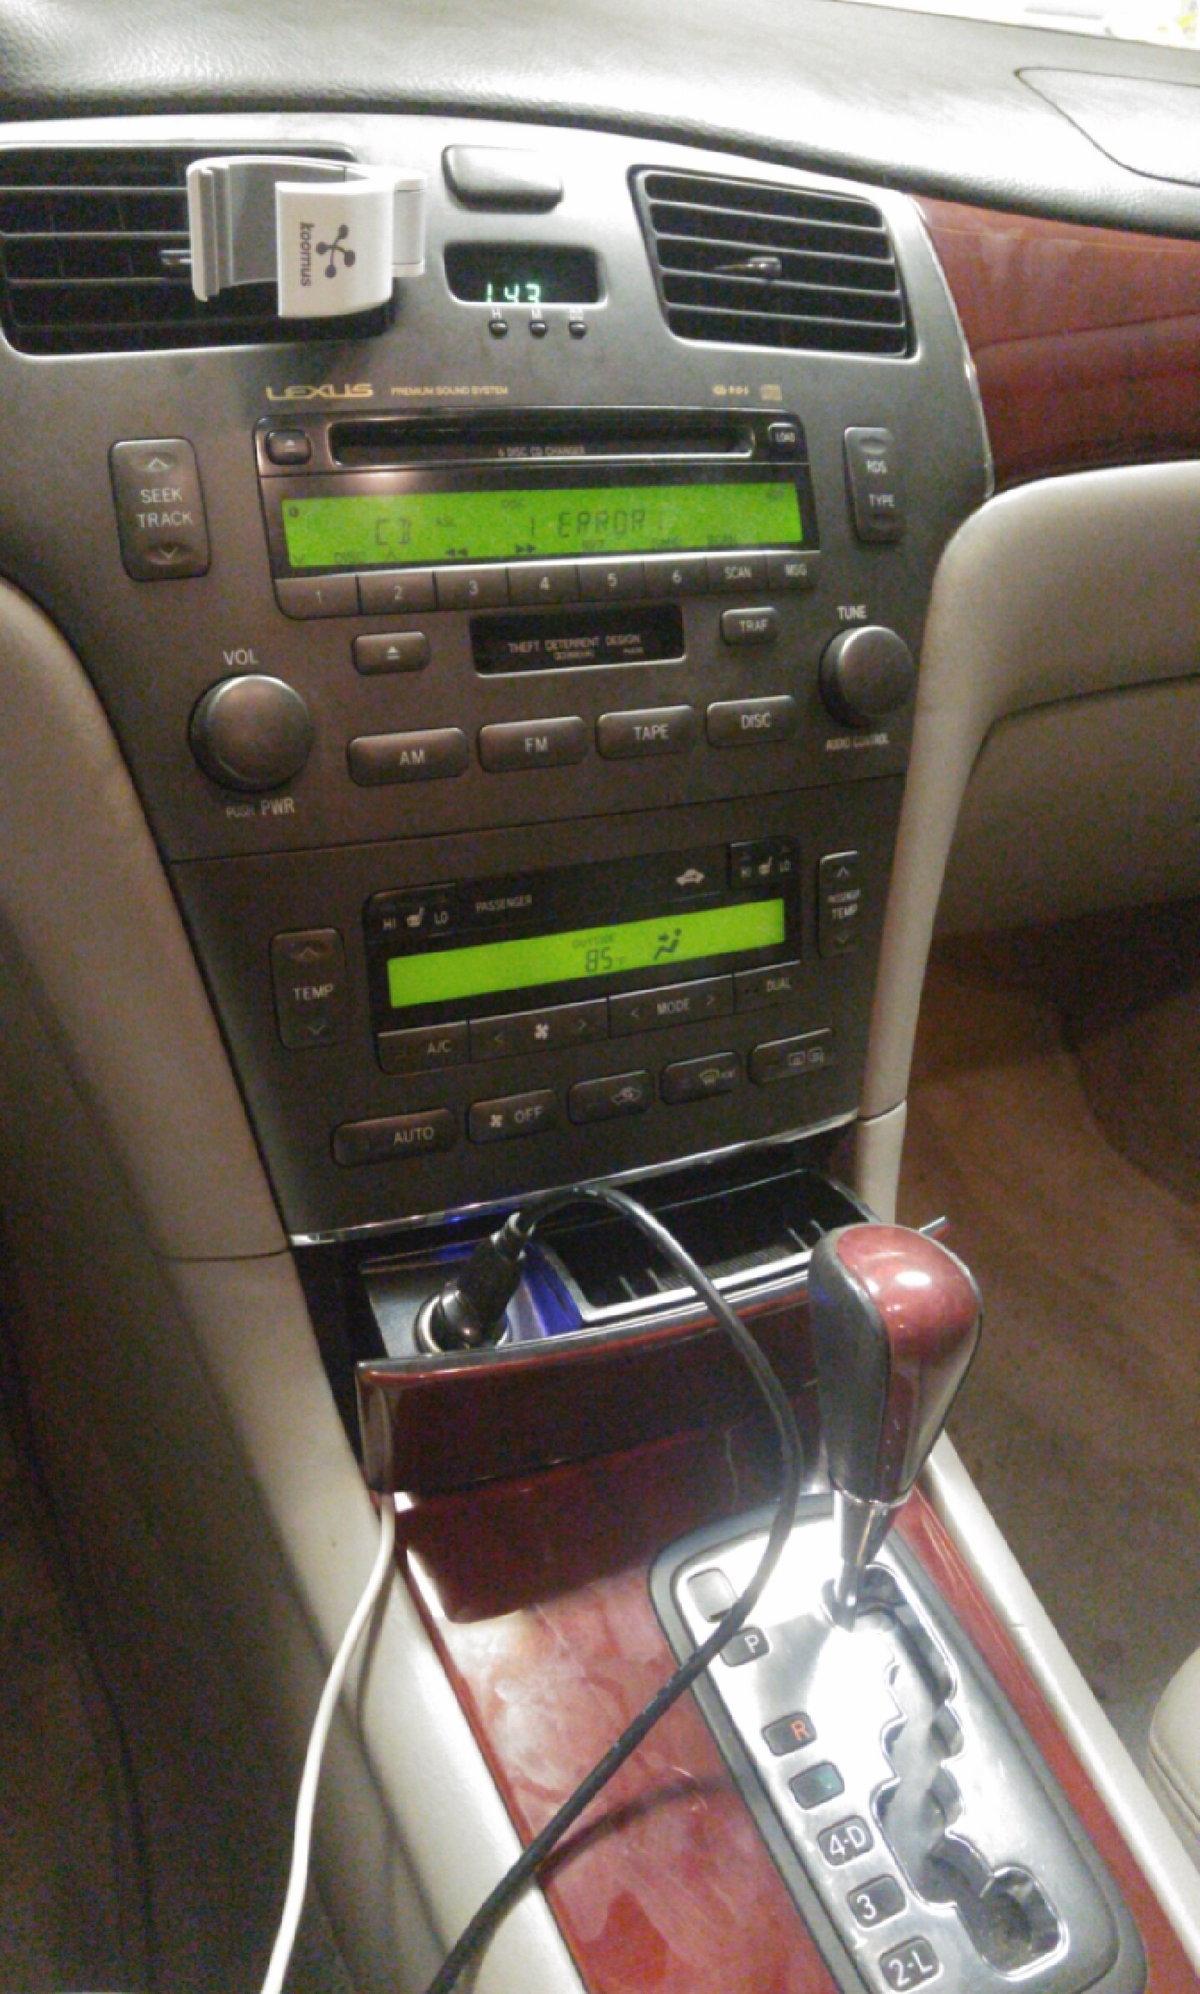 2003 4ES basic/cheap aux input guide - ClubLexus - Lexus Forum